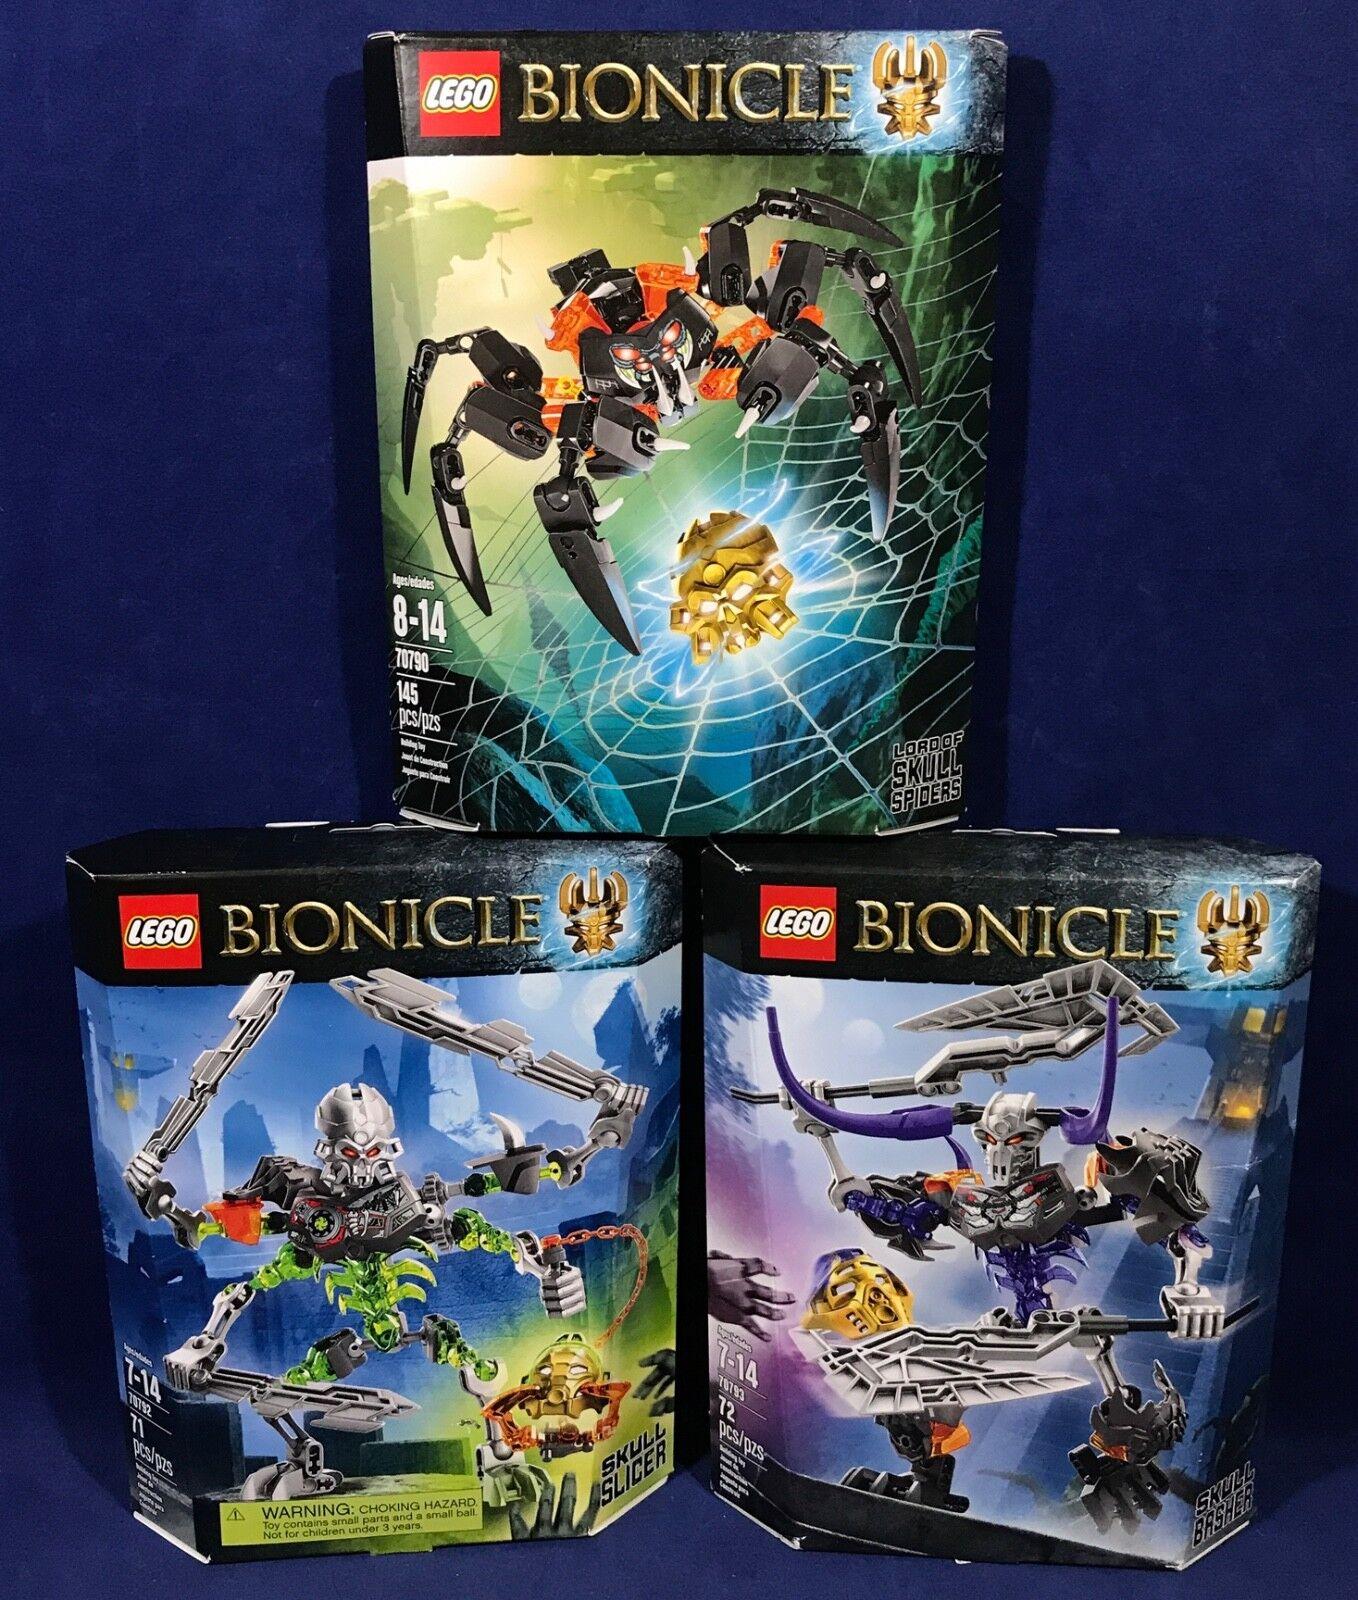 3 Neuf Lego Bionicle Lot 70790 70792 70793-Crâne Trancheuse Basher seigneur des araignées